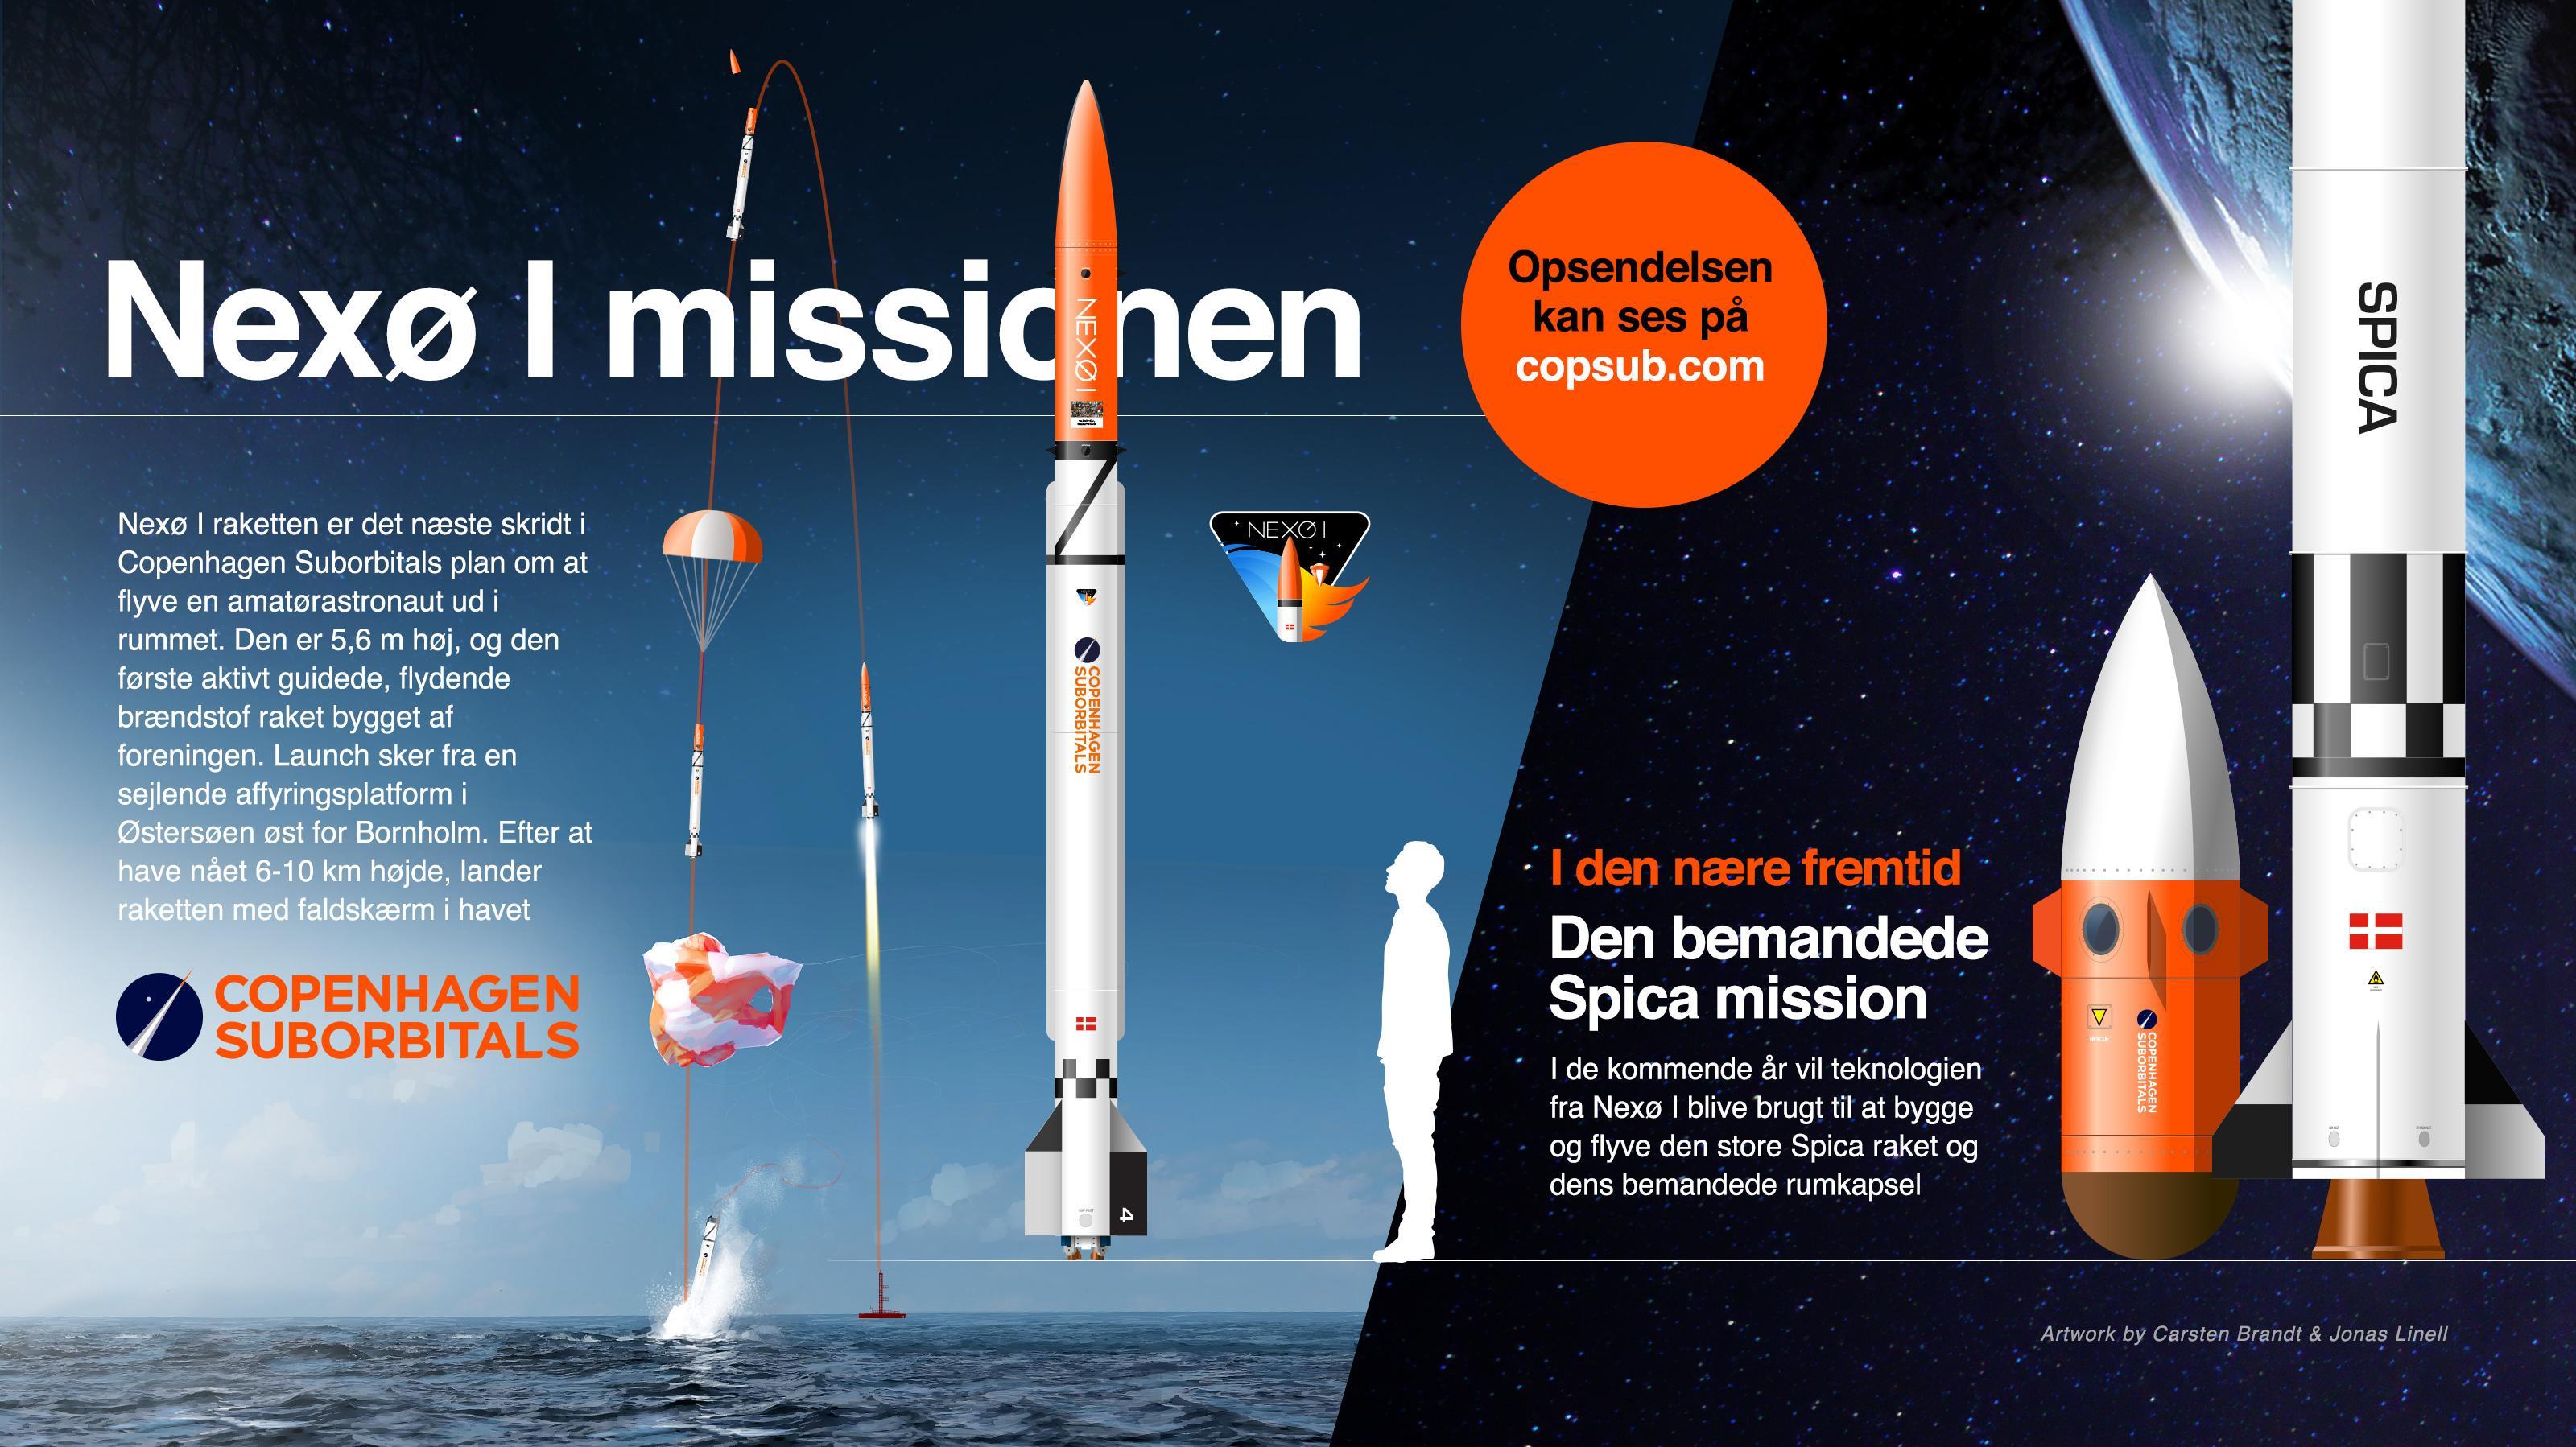 nexc_presskit_infografik_v12_16_9_dansk_jl.jpg